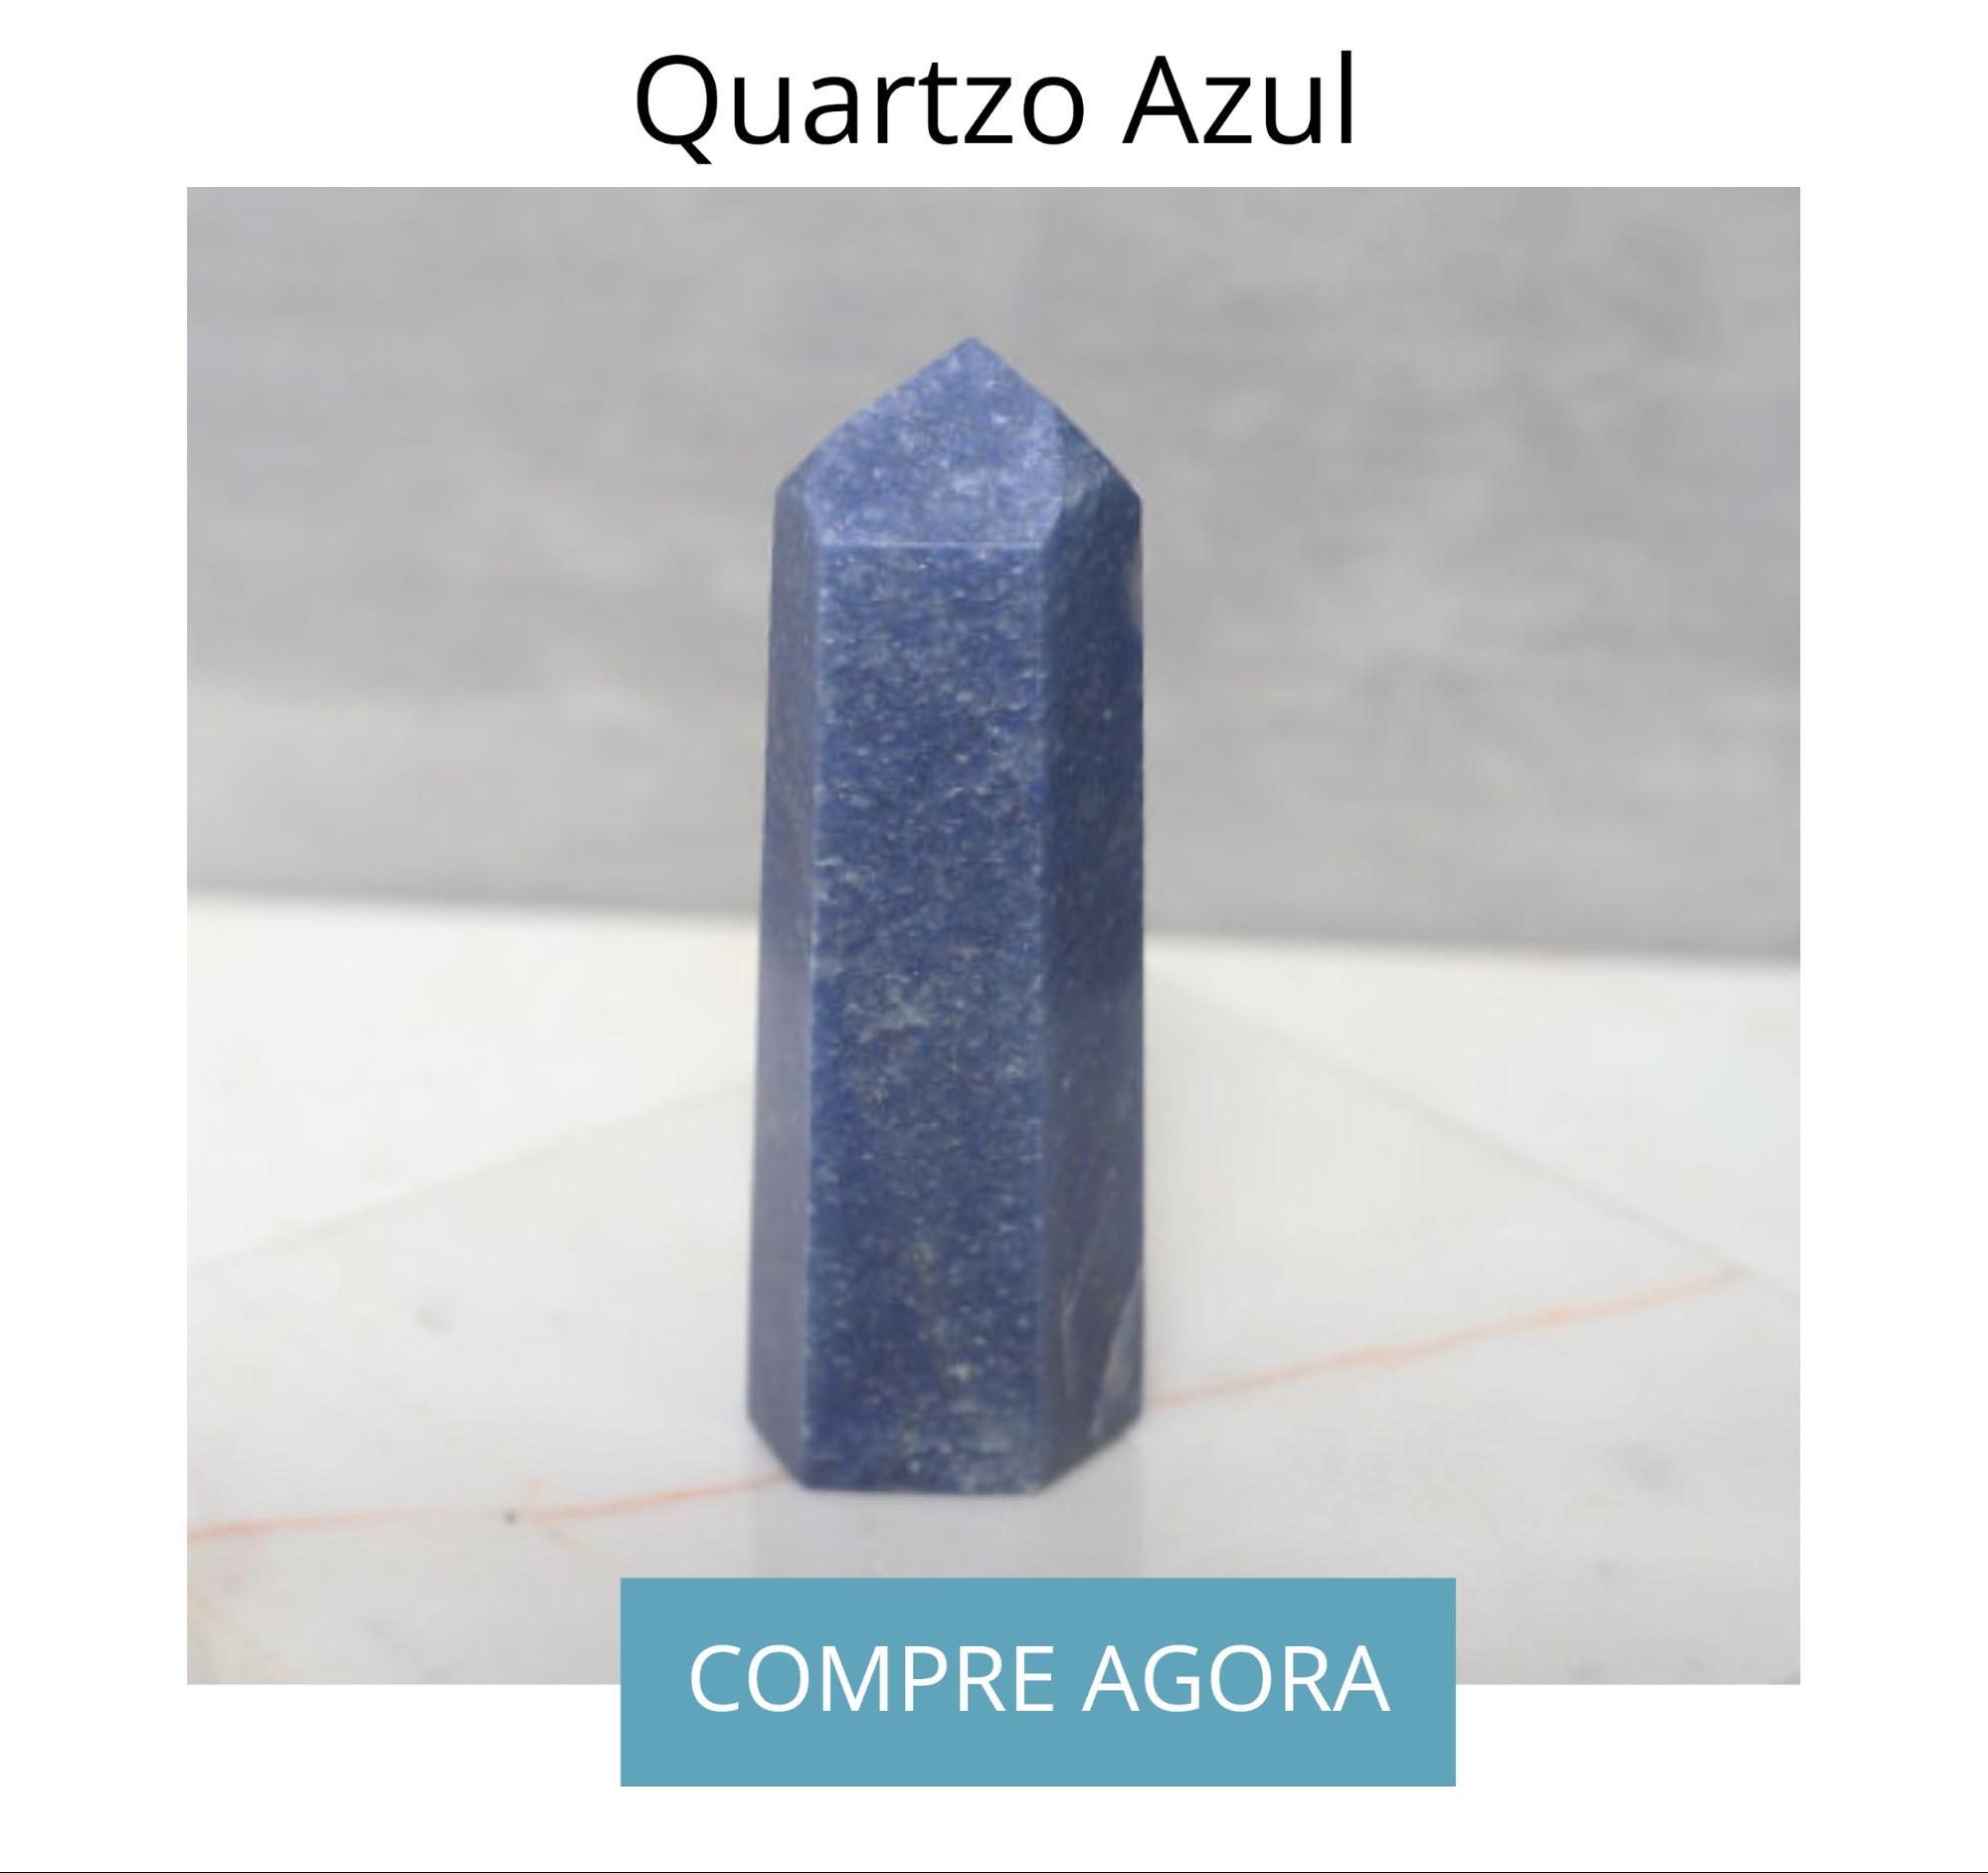 dicas-de-meditacao-quartzo-azul